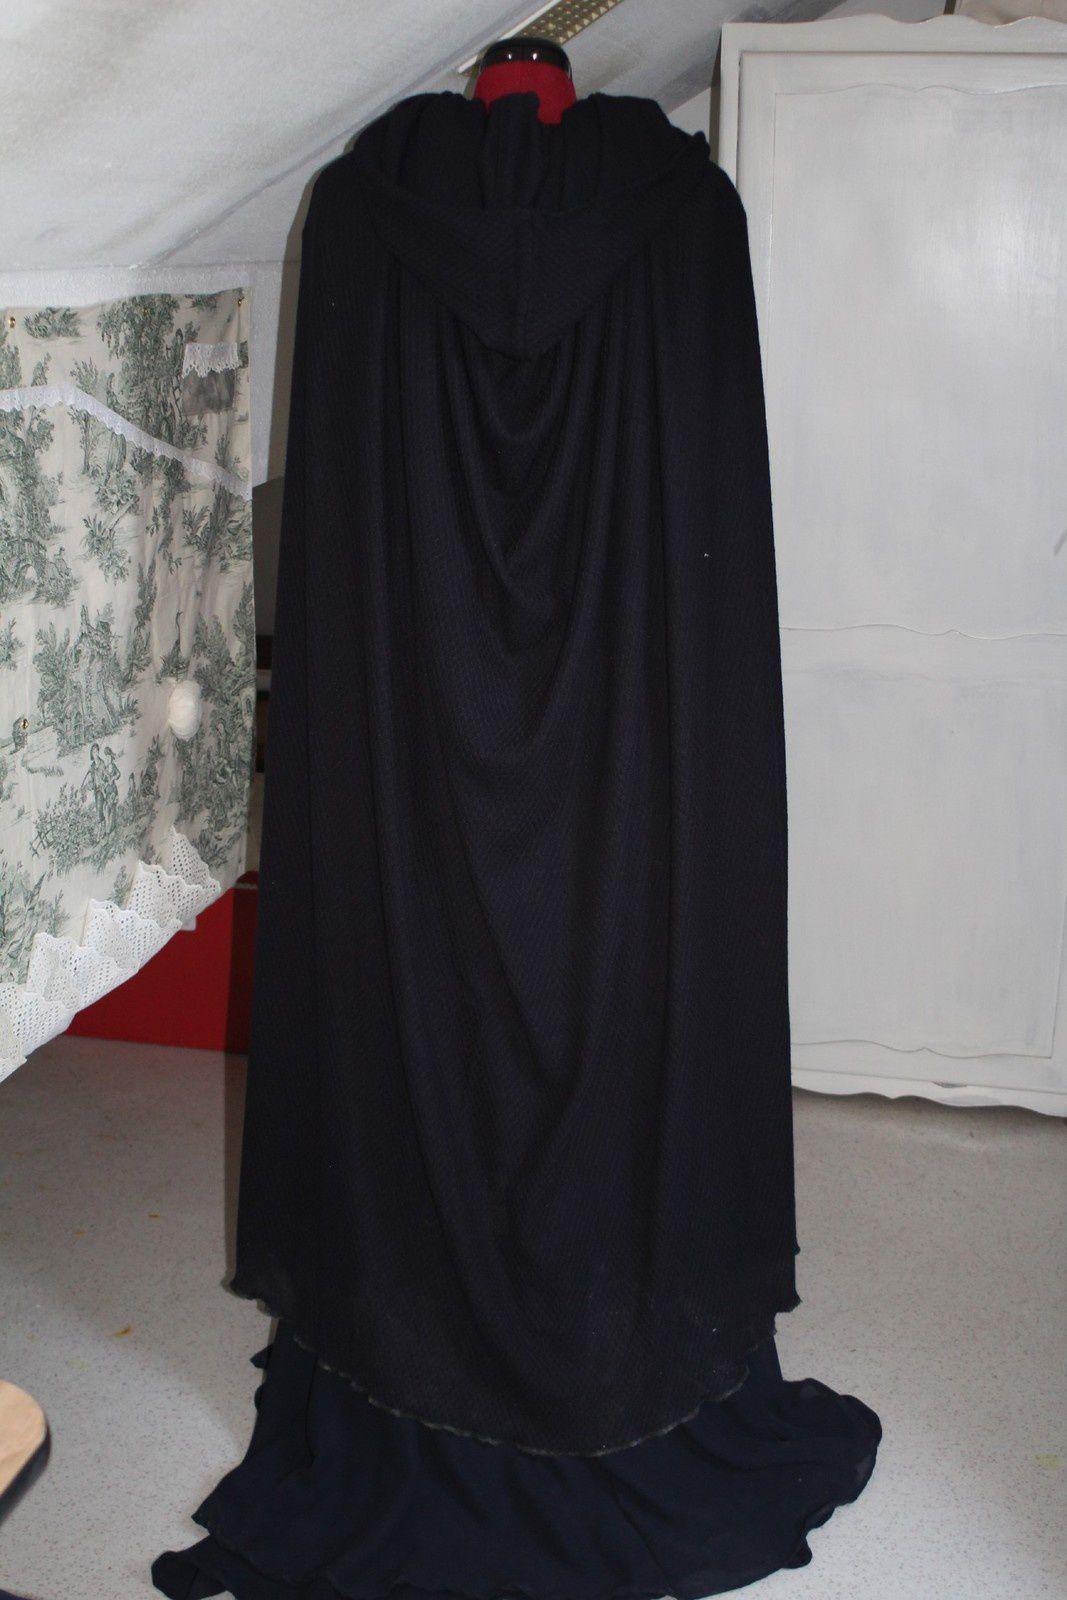 Je sais pas vous mais je suis accro au drapé de la cape! / I dont know if it's the same for you but I'm in love with the  drape of the cloak!